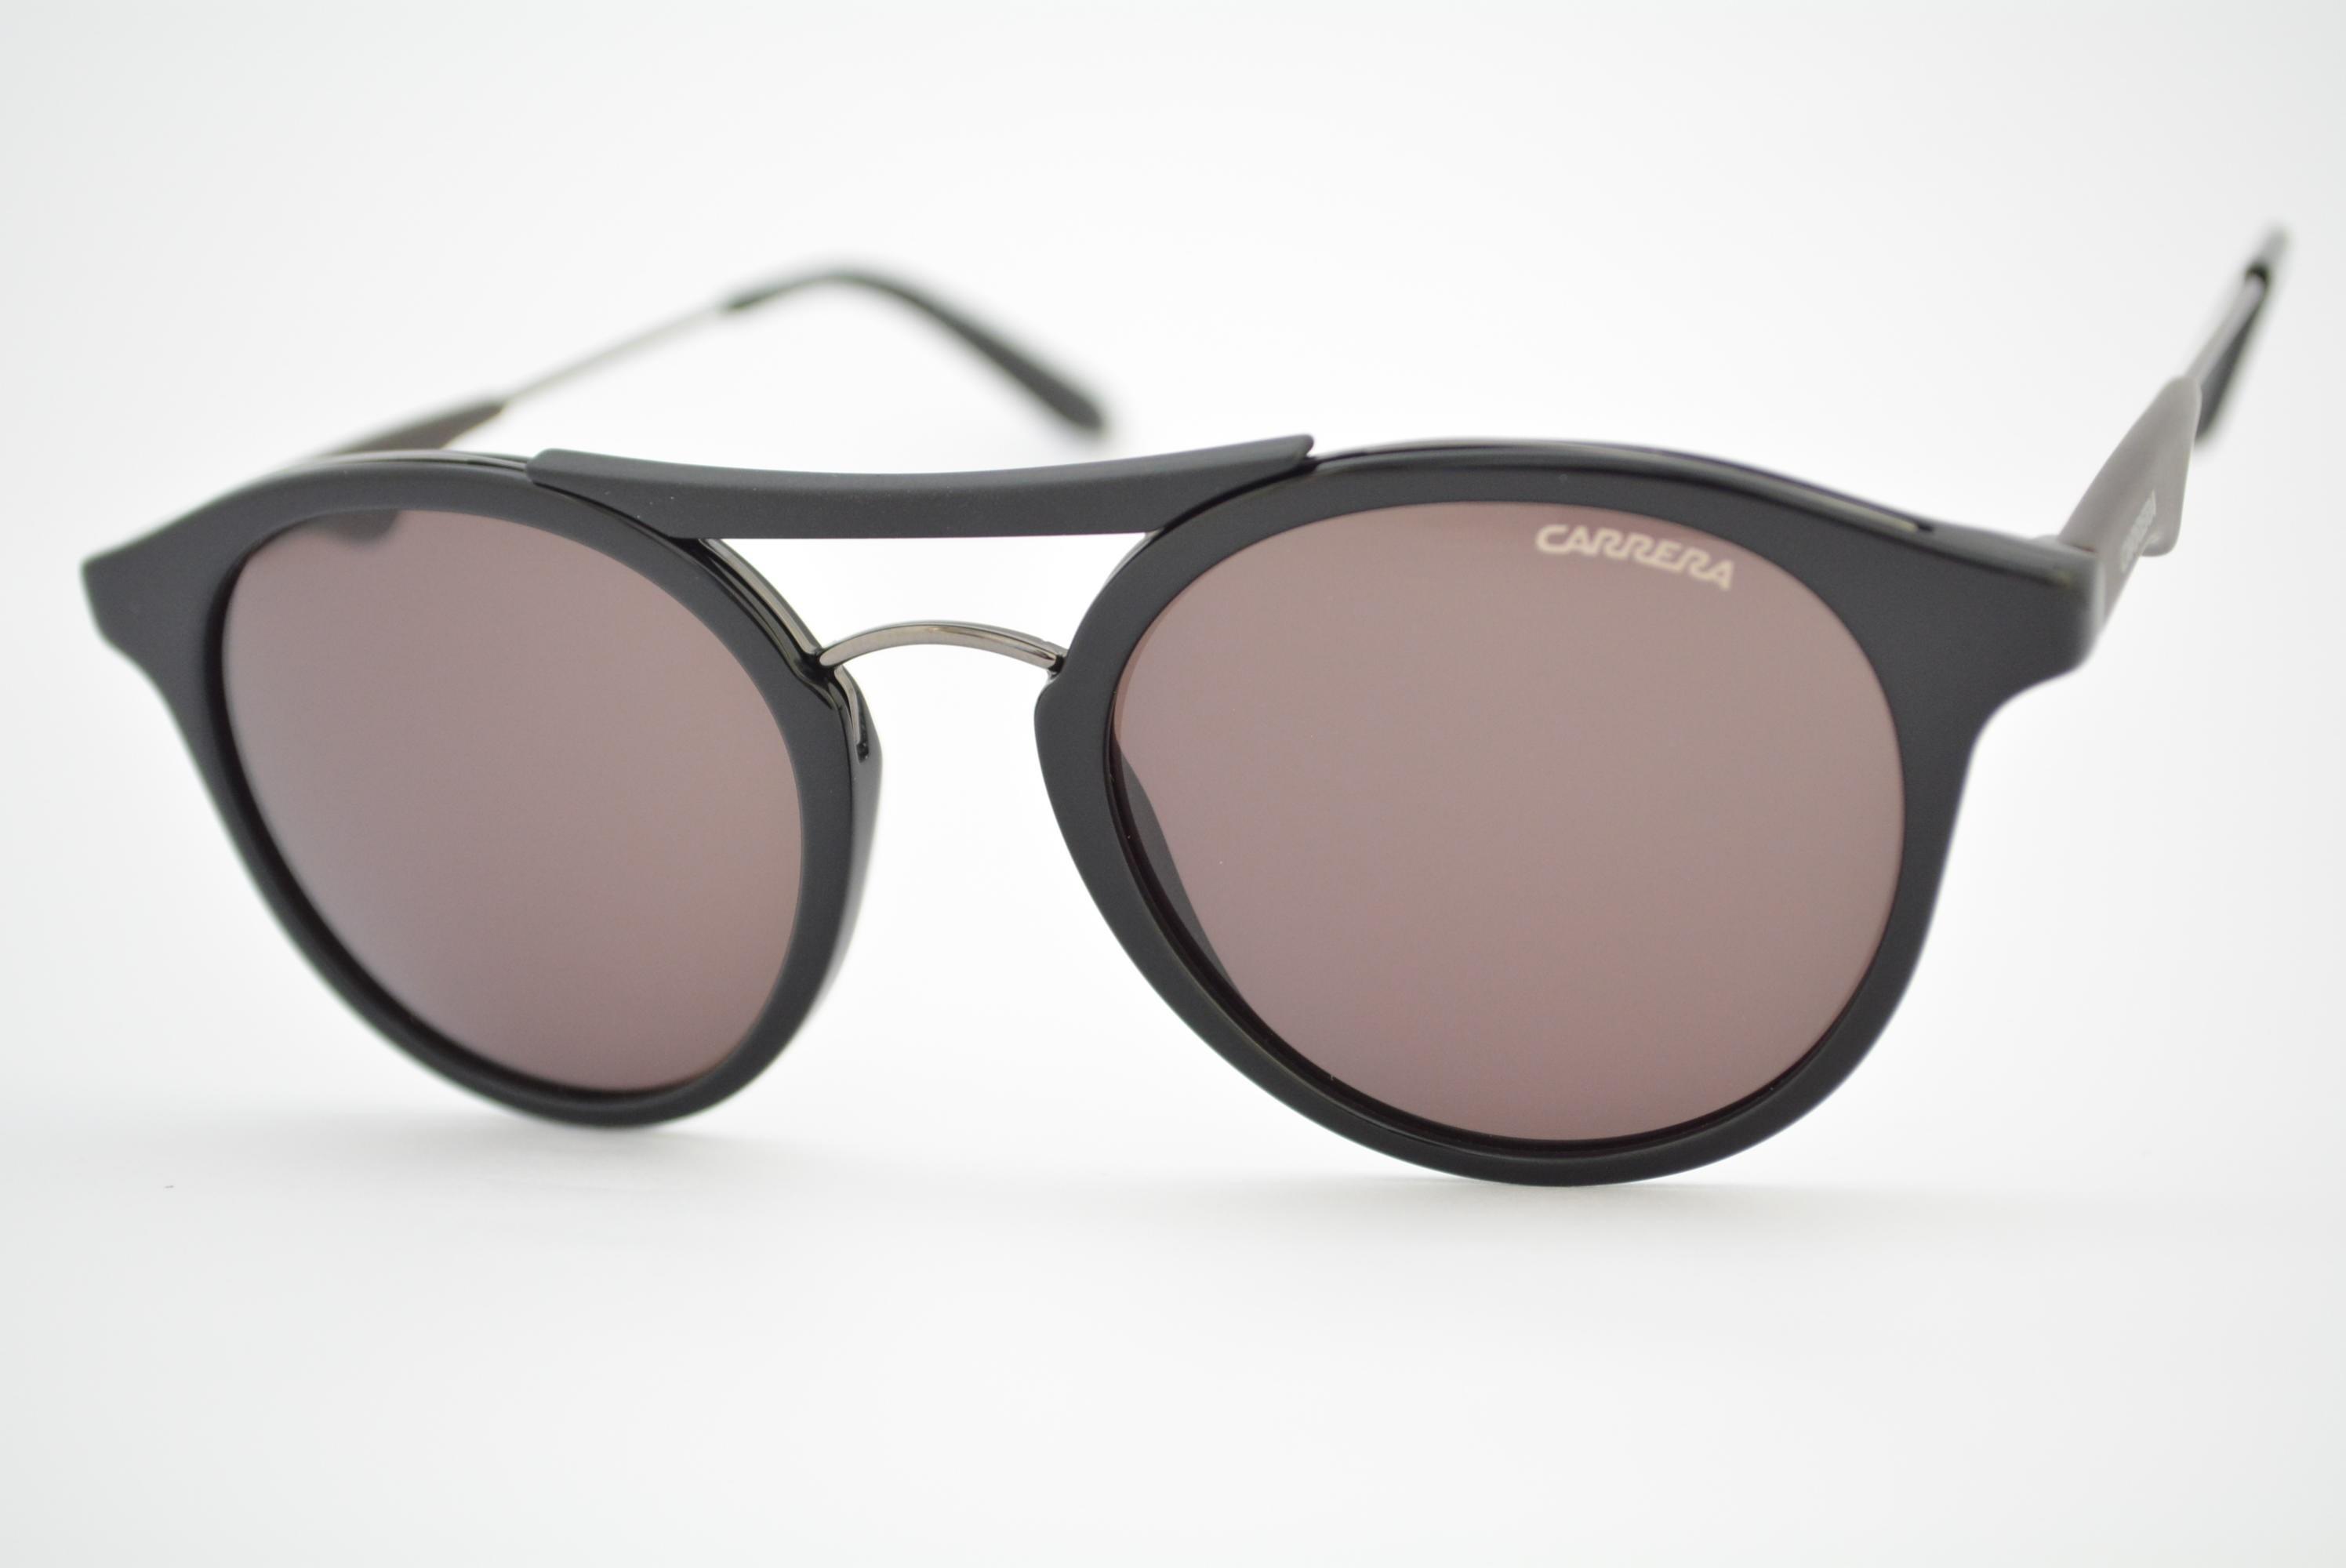 óculos de sol Carrera mod Carrera 6008 ANS70 Ótica Cardoso 6ca38b9882